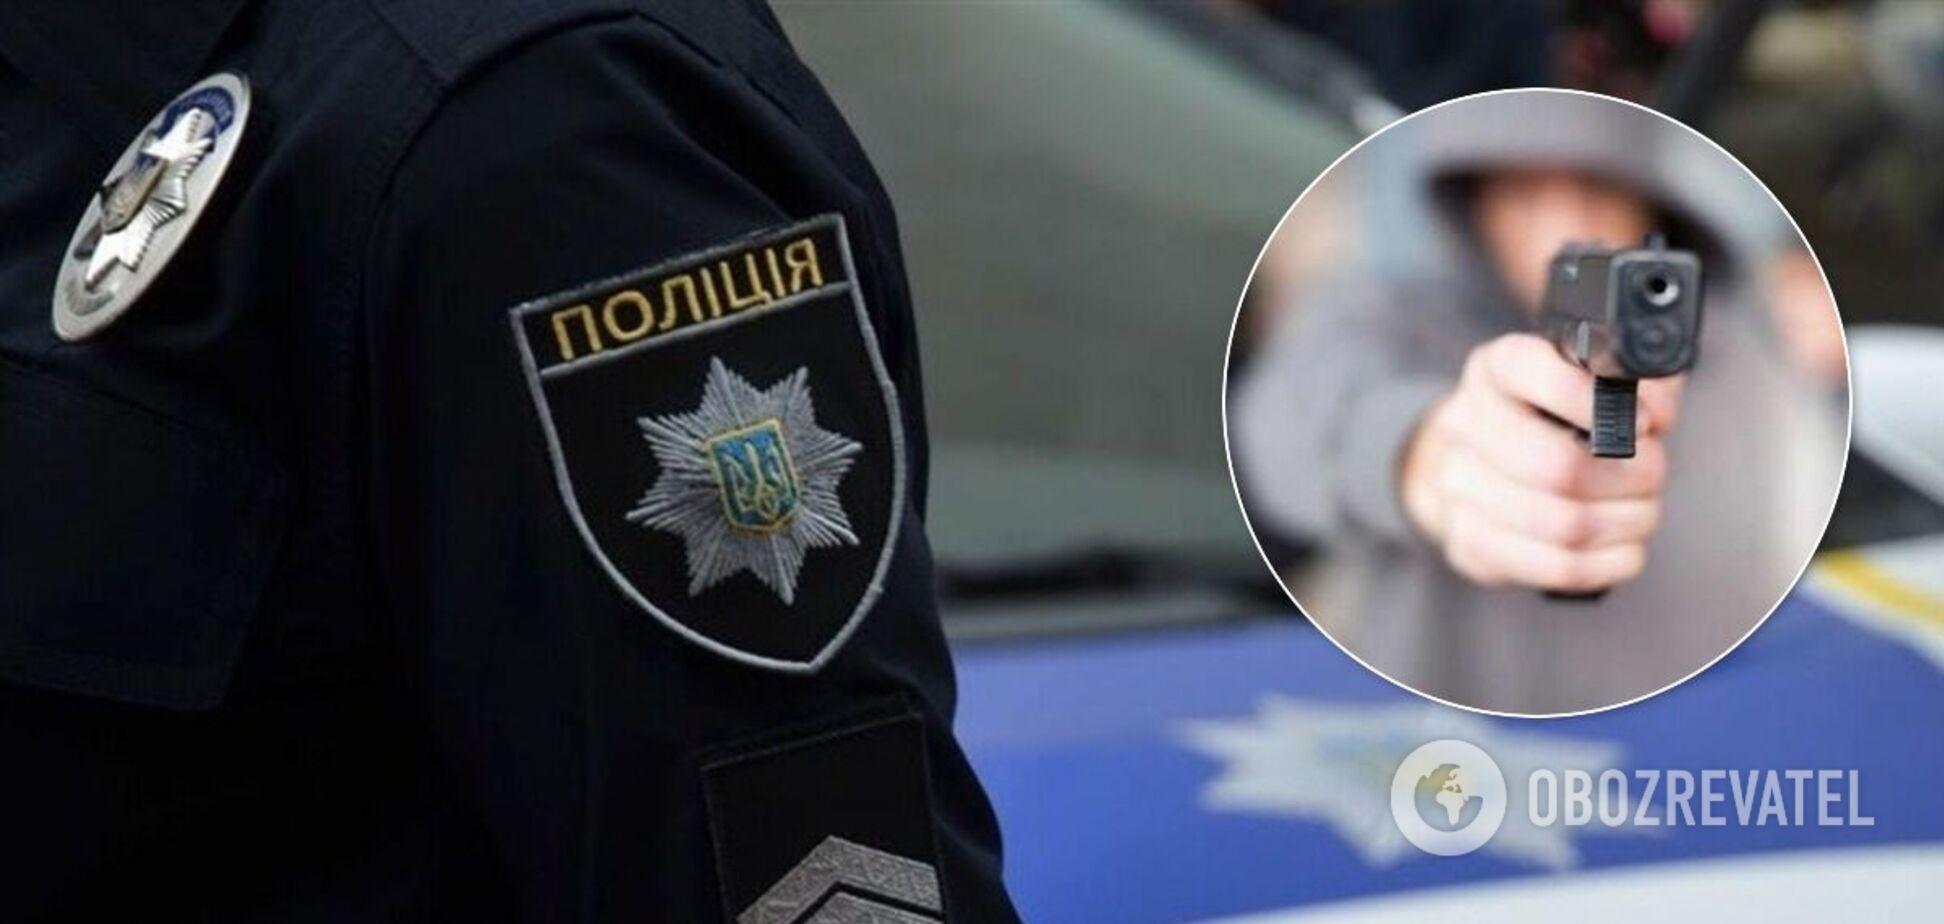 На Одесщине 14-летний открыл стрельбу по подросткам на детской площадке. Фото